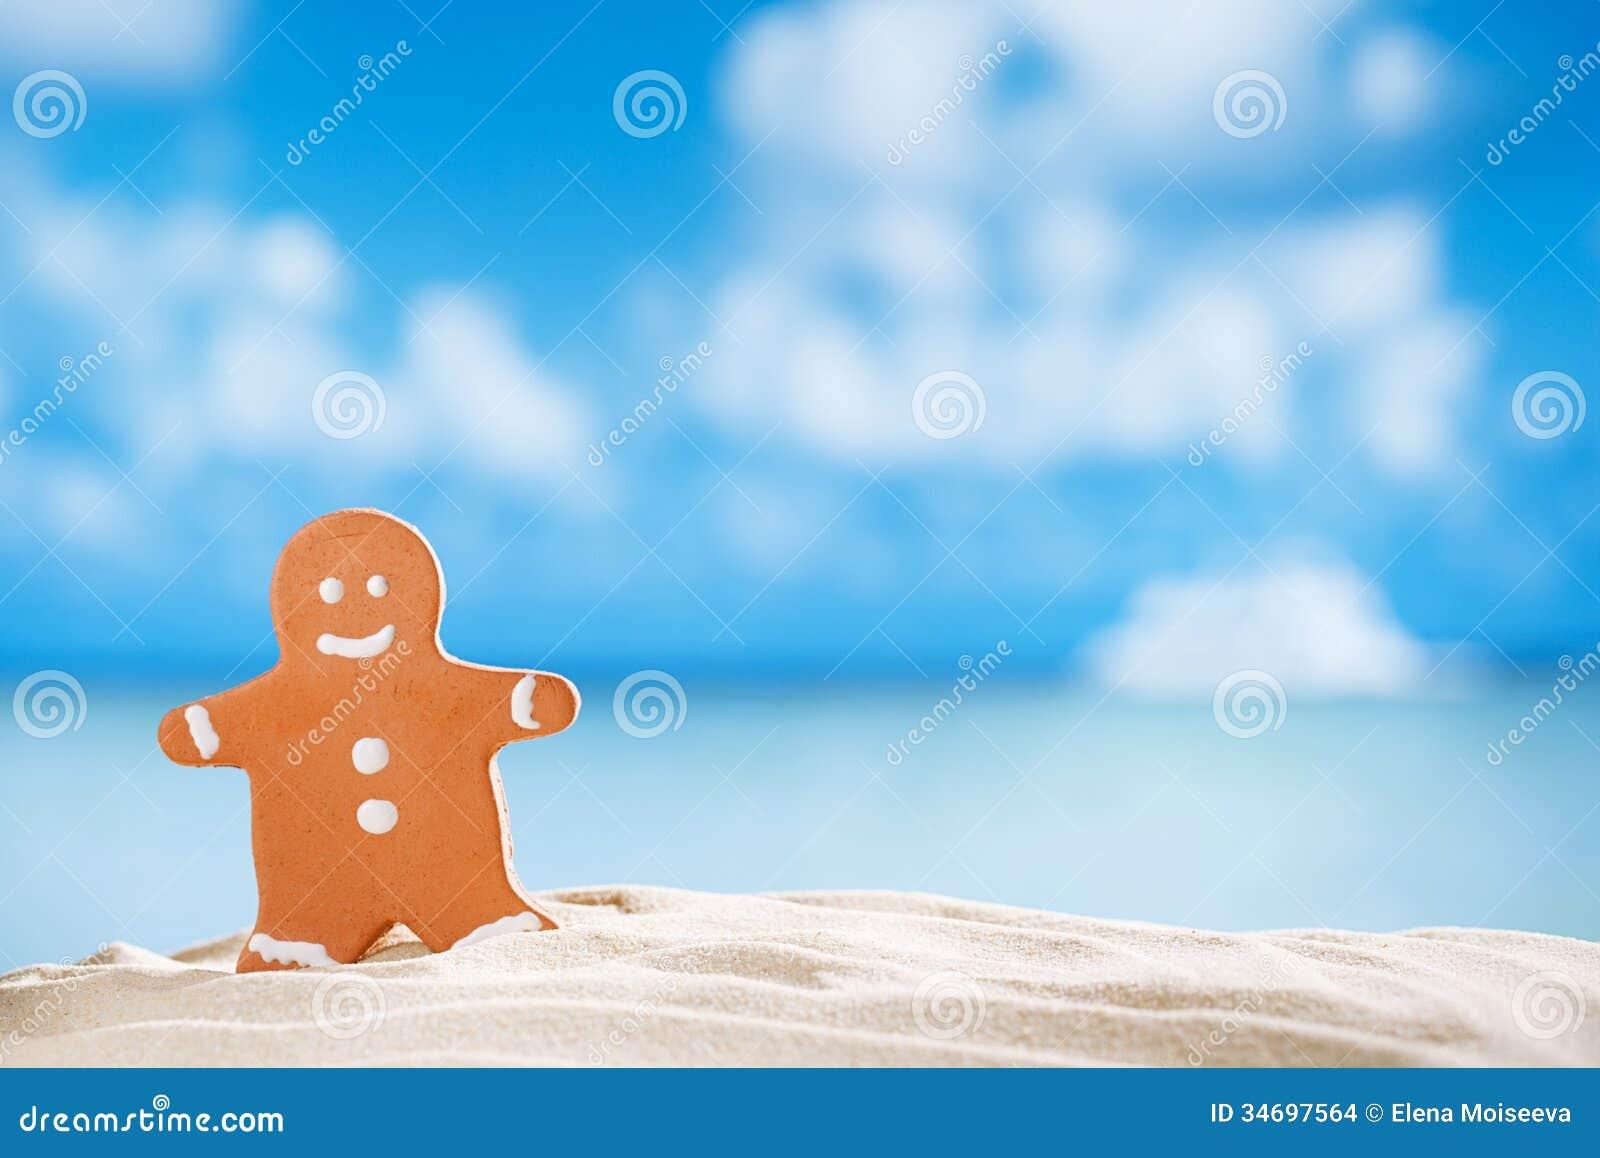 Uomo di pan di zenzero sulla spiaggia con il fondo di vista sul mare